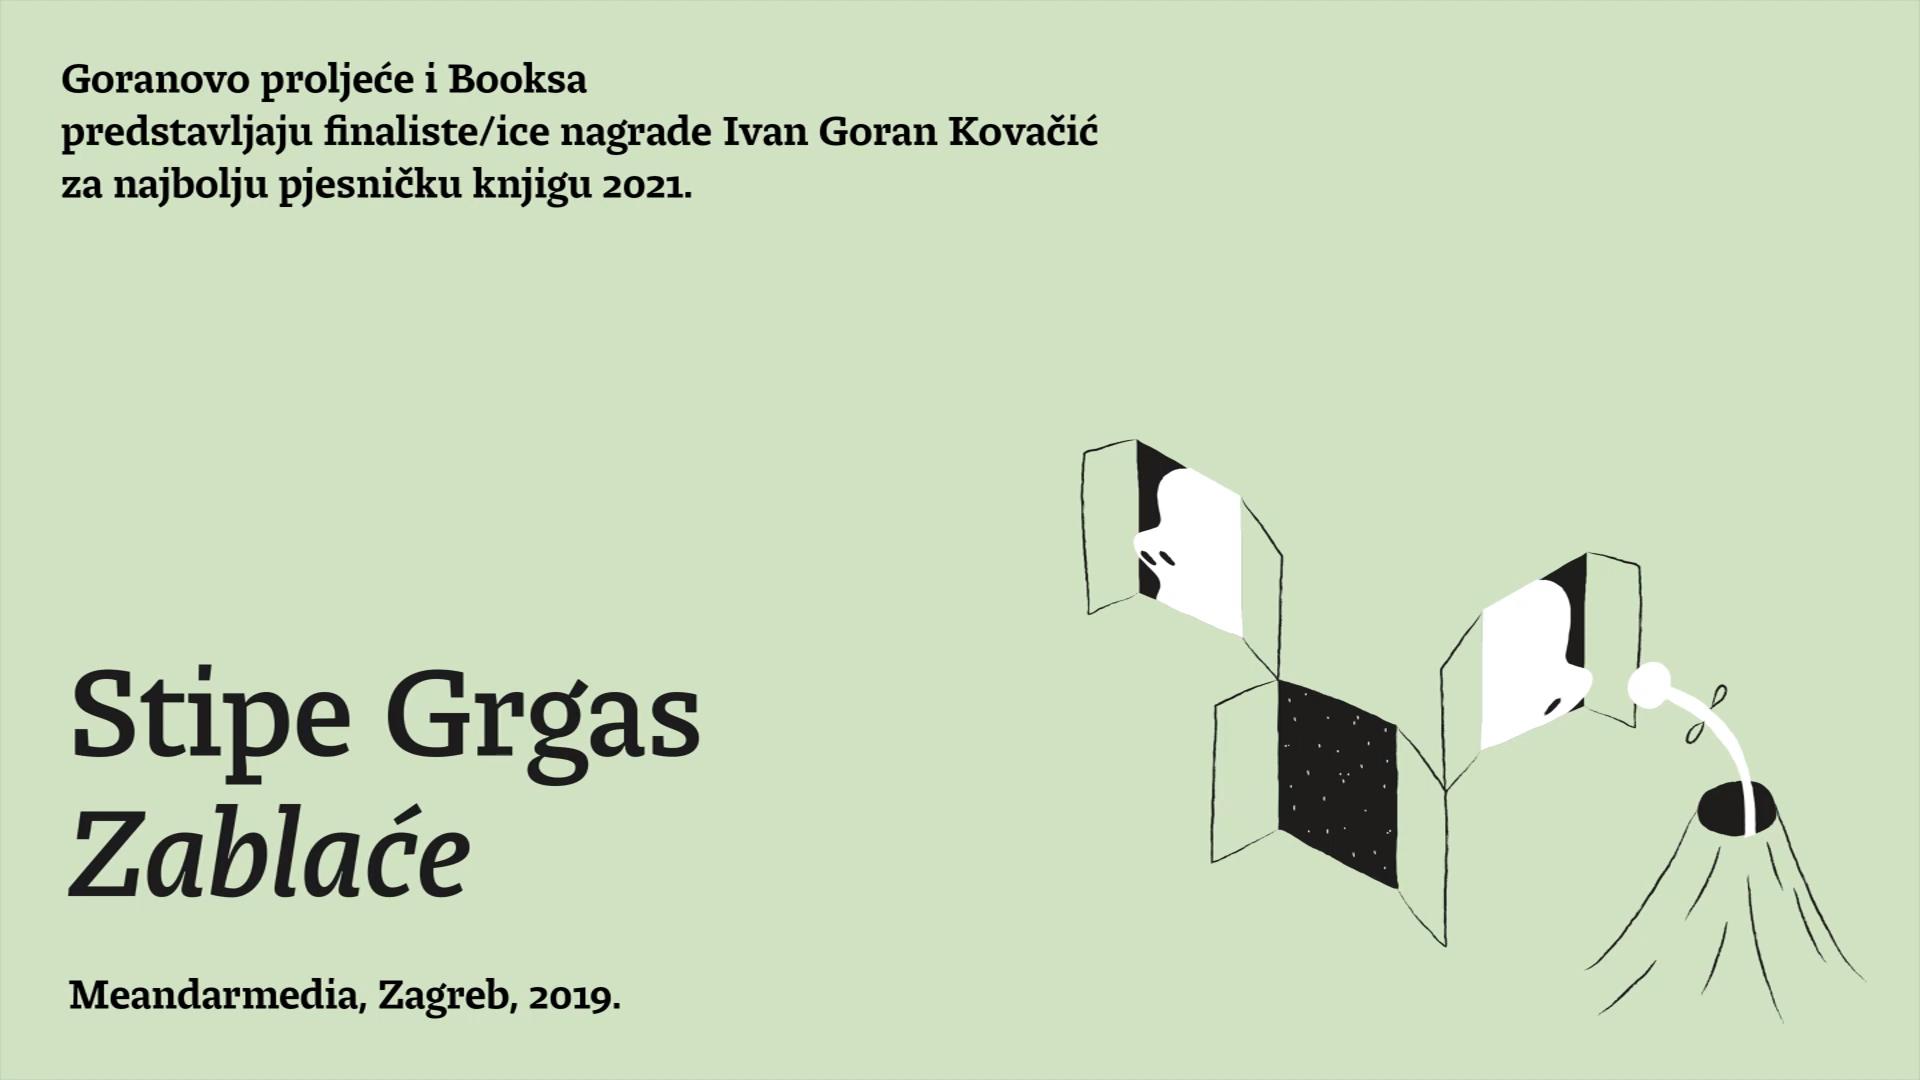 Predstavljanje finalista nagrade Ivan Goran Kovačić: Stipe Grgas